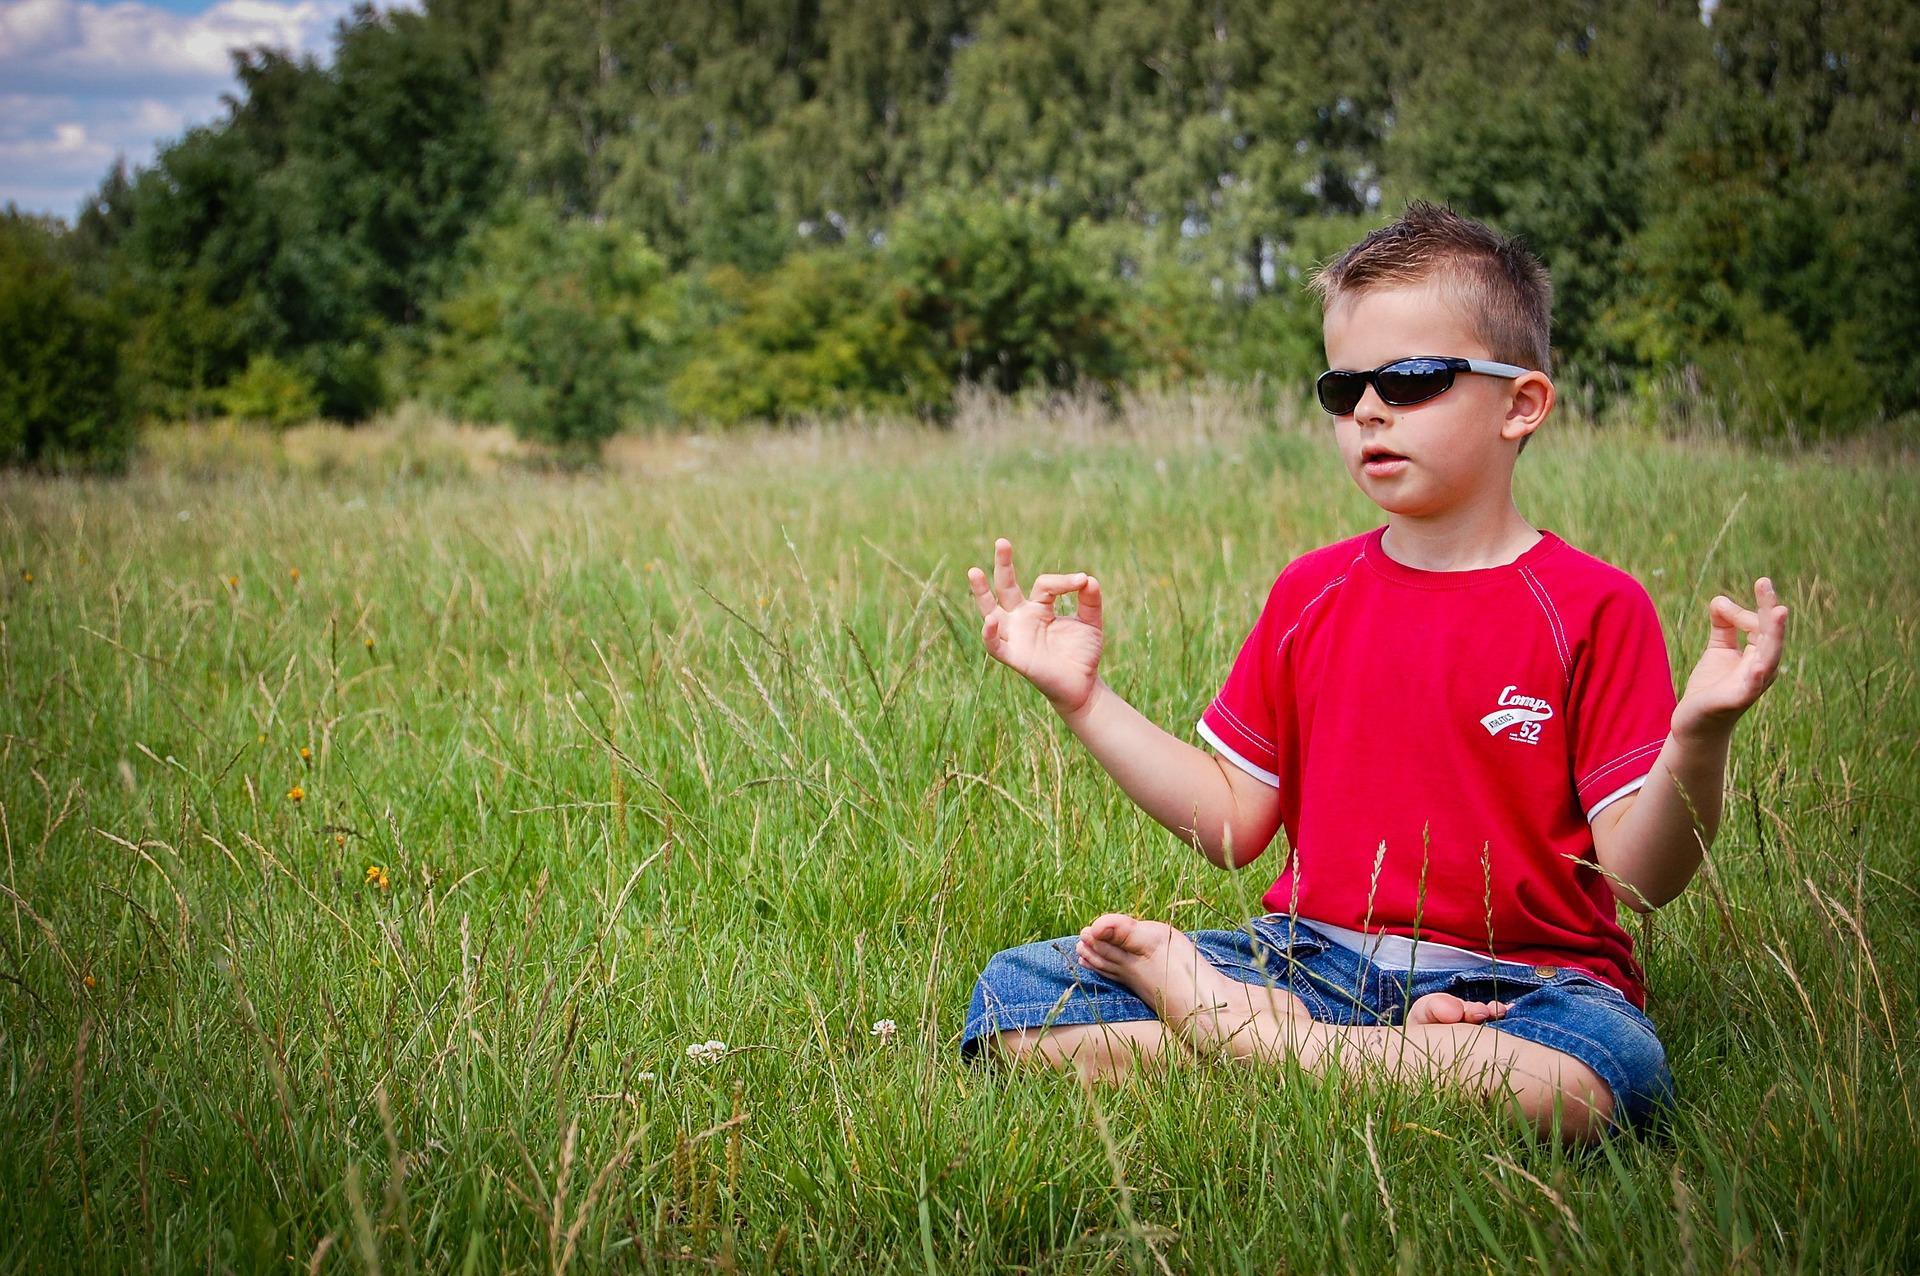 meditation-428382_1920-2